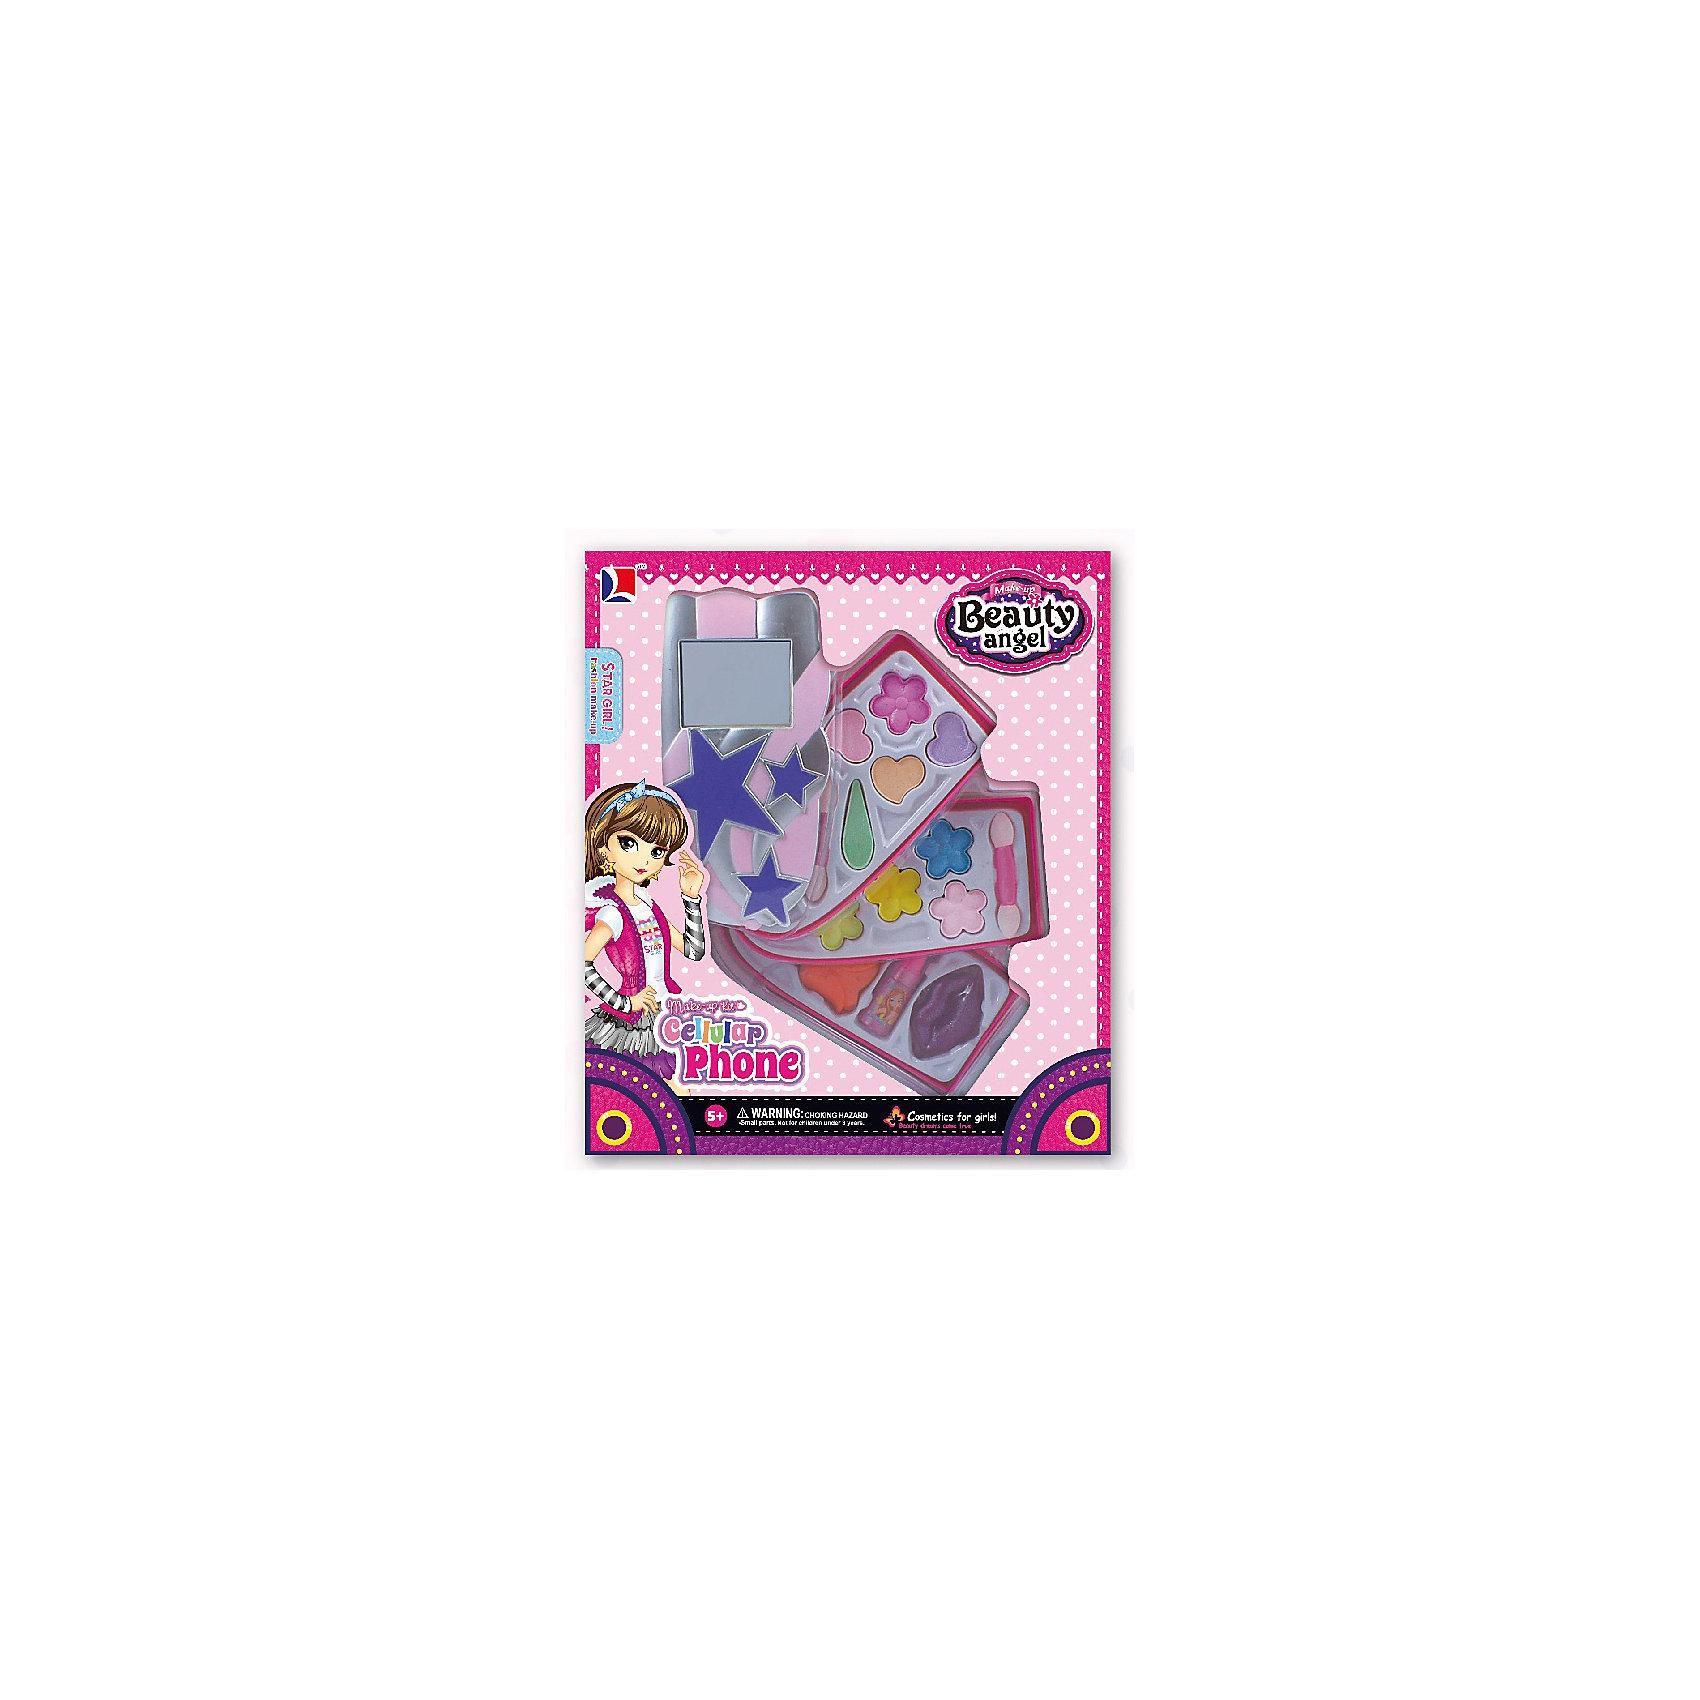 Игровой косметический набор Телефон (2 дизайна в ассортименте), Beauty AngelКосметика, грим и парфюмерия<br>Характеристики:<br><br>• Вид игрушек: детская косметика<br>• Пол: для девочки<br>• Материал: пластик, натуральные компоненты и красители<br>• Цвет: оттенки розового, голубой, желтый, зеленый, оранжевый и др.<br>• Комплектация: <br> тени для век – 10 тонов<br> блеск для губ – 1 тон<br> губная помада – 1 тон<br> лак для ногтей – 1 тон<br> кисточка – 1 шт.<br>• Форма футляра: телефон<br>• Размер упаковки (Д*Ш*В): 20*5,7*23,3 см<br>• Вес: 193 г<br>• Упаковка: картонная коробка с блистером<br><br>Игровой косметический набор Телефон, Beauty Angel от всемирно известного торгового бренда Dileny, который занимается разработкой, дизайном и выпуском детской декоративной косметики с учетом модных и стильных тенденций мира моды. Линейка наборов Beauty Angel представляет собой косметические наборы в состав которых входят как матовые, так и перламутровые оттенки, аксессуары и инструменты для нанесения макияжа. <br><br>Декоративная косметика от Dileny легко наносится, ложится ровным слоем, не осыпается и легко смывается либо теплой водой, либо детским косметическим маслом. Косметика обладает повышенными гипоаллергенными свойствами и легким ароматом. Игровой косметический набор Телефон, Beauty Angel состоит из 10 оттенков теней для век, блеска для губ, губной помады, лака для ногтей и кисточки. Футляр с тремя отделениями выполнен в форме слоника.<br><br>Игровой косметический набор Телефон, Beauty Angel станет идеальным подарком для девочки к любому празднику.<br><br>Игровой косметический набор Телефон, Beauty Angel можно купить в нашем интернет-магазине.<br><br>Ширина мм: 200<br>Глубина мм: 57<br>Высота мм: 233<br>Вес г: 193<br>Возраст от месяцев: 60<br>Возраст до месяцев: 120<br>Пол: Женский<br>Возраст: Детский<br>SKU: 5418959